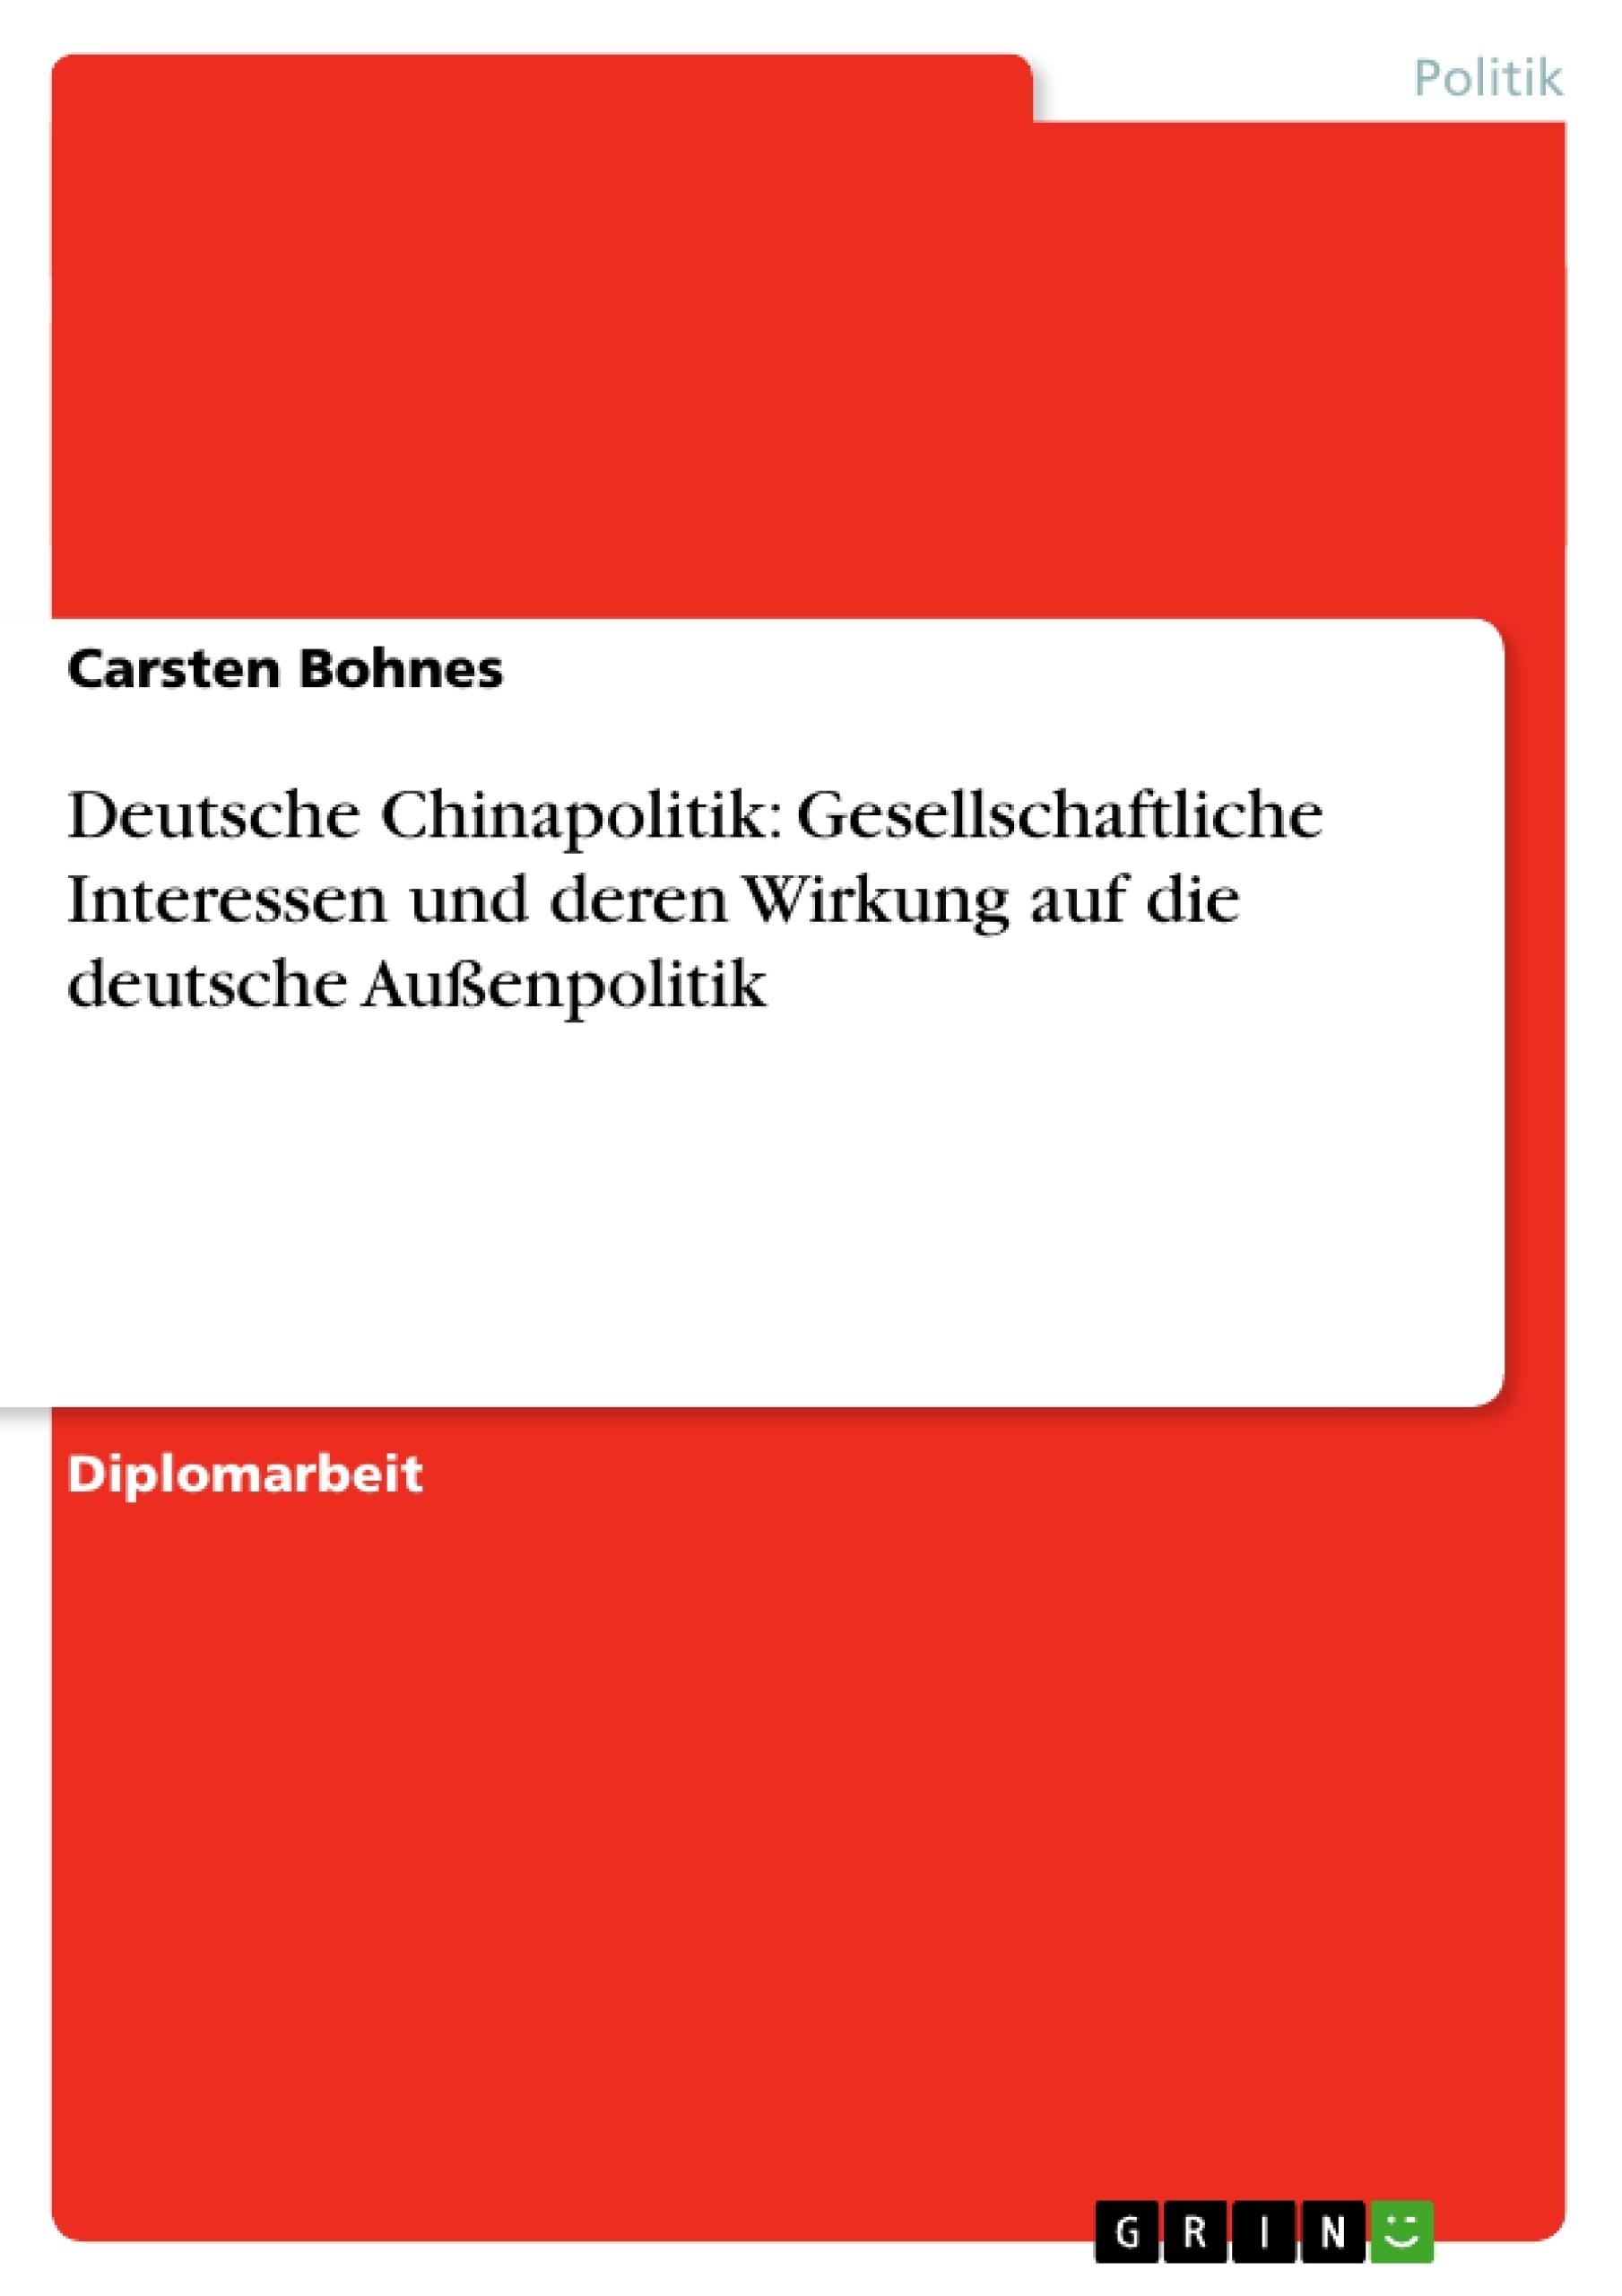 Titel: Deutsche Chinapolitik: Gesellschaftliche Interessen und deren Wirkung auf die deutsche Außenpolitik